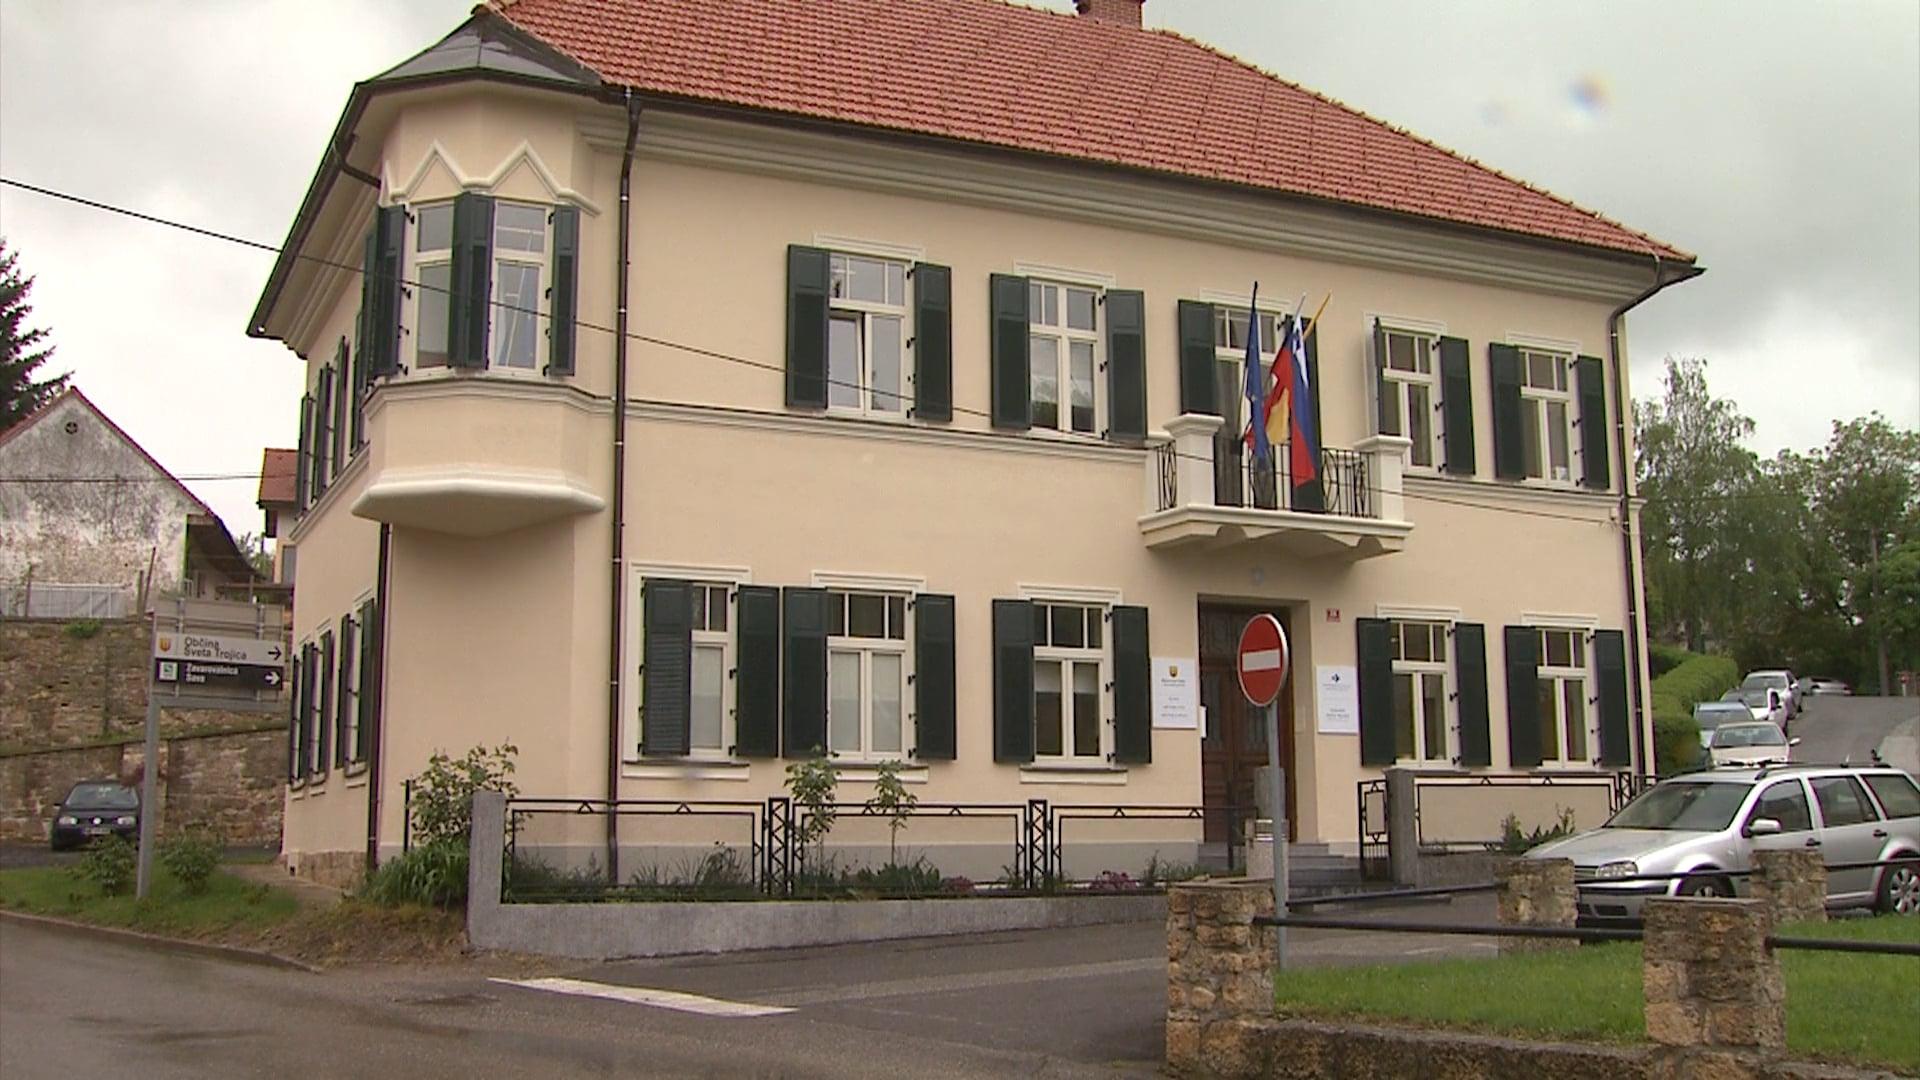 Občina Sveta Trojica prepričala Ministrstvo za zdravje